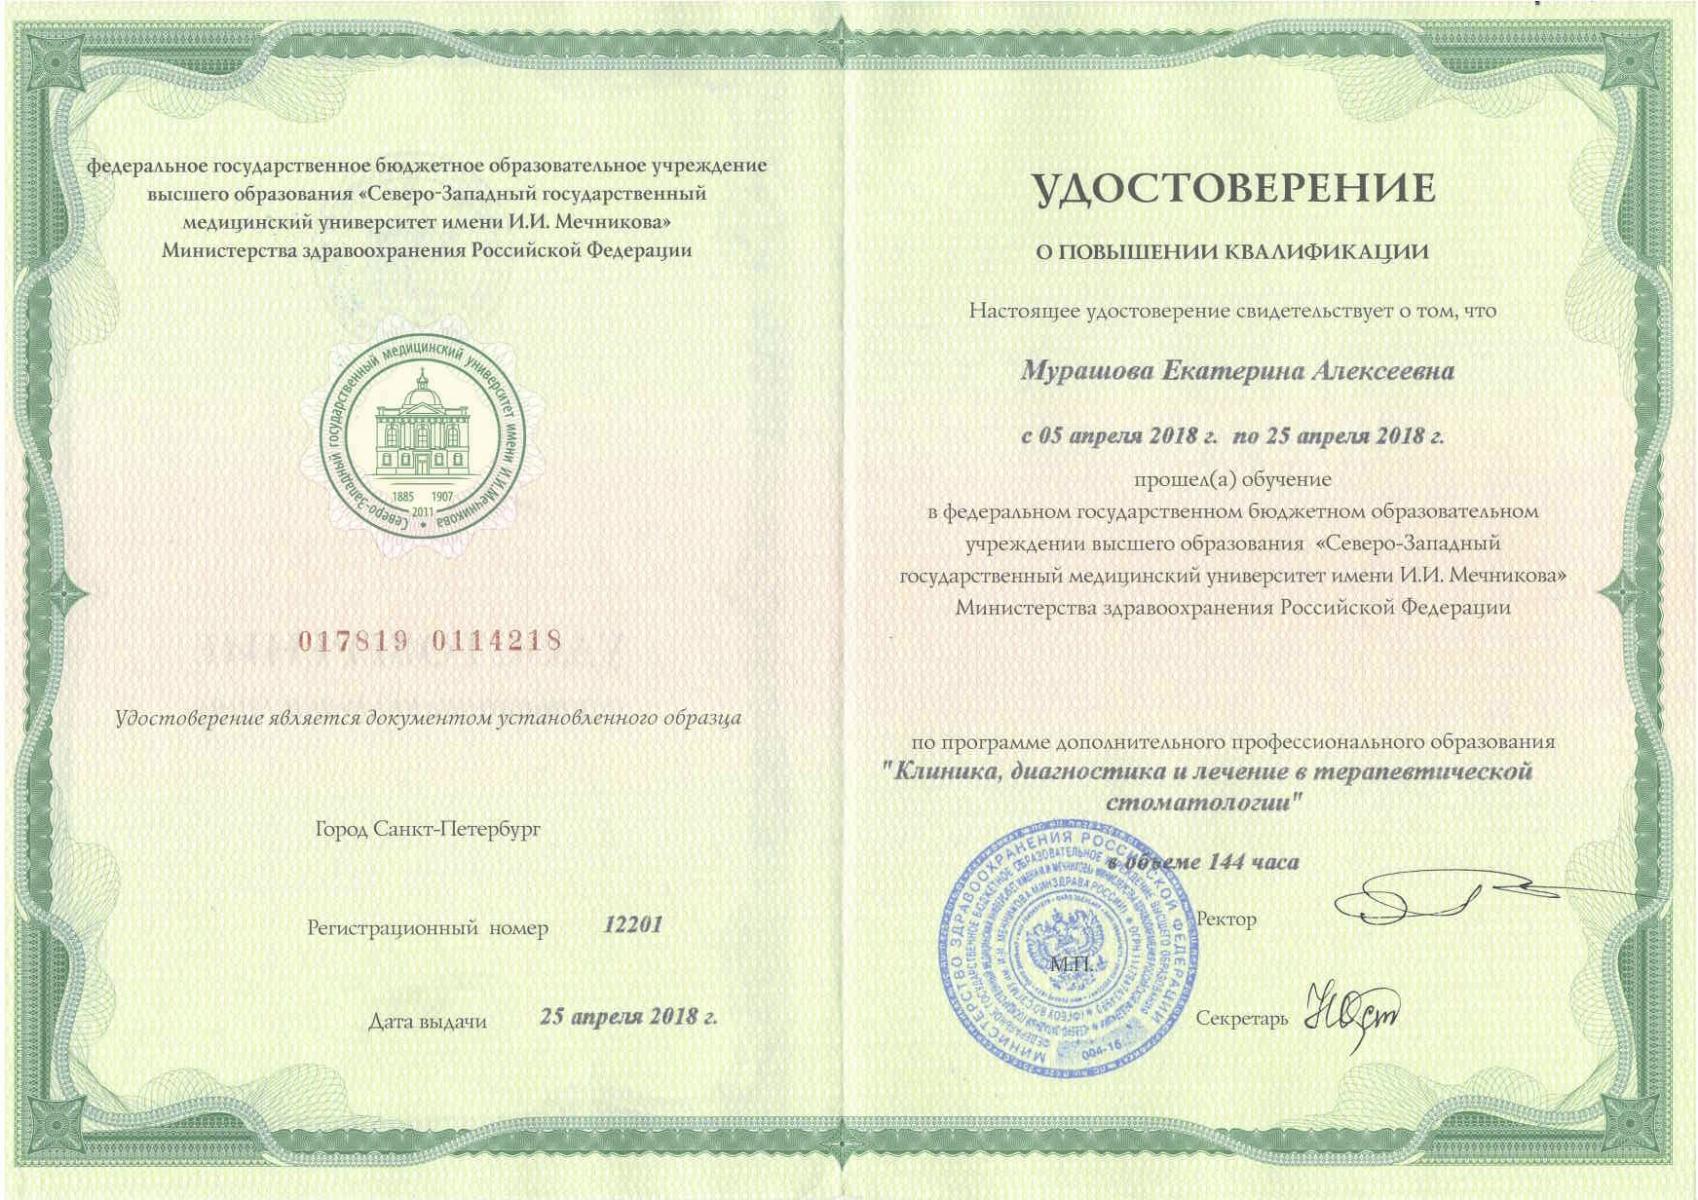 sertifikat-4-2